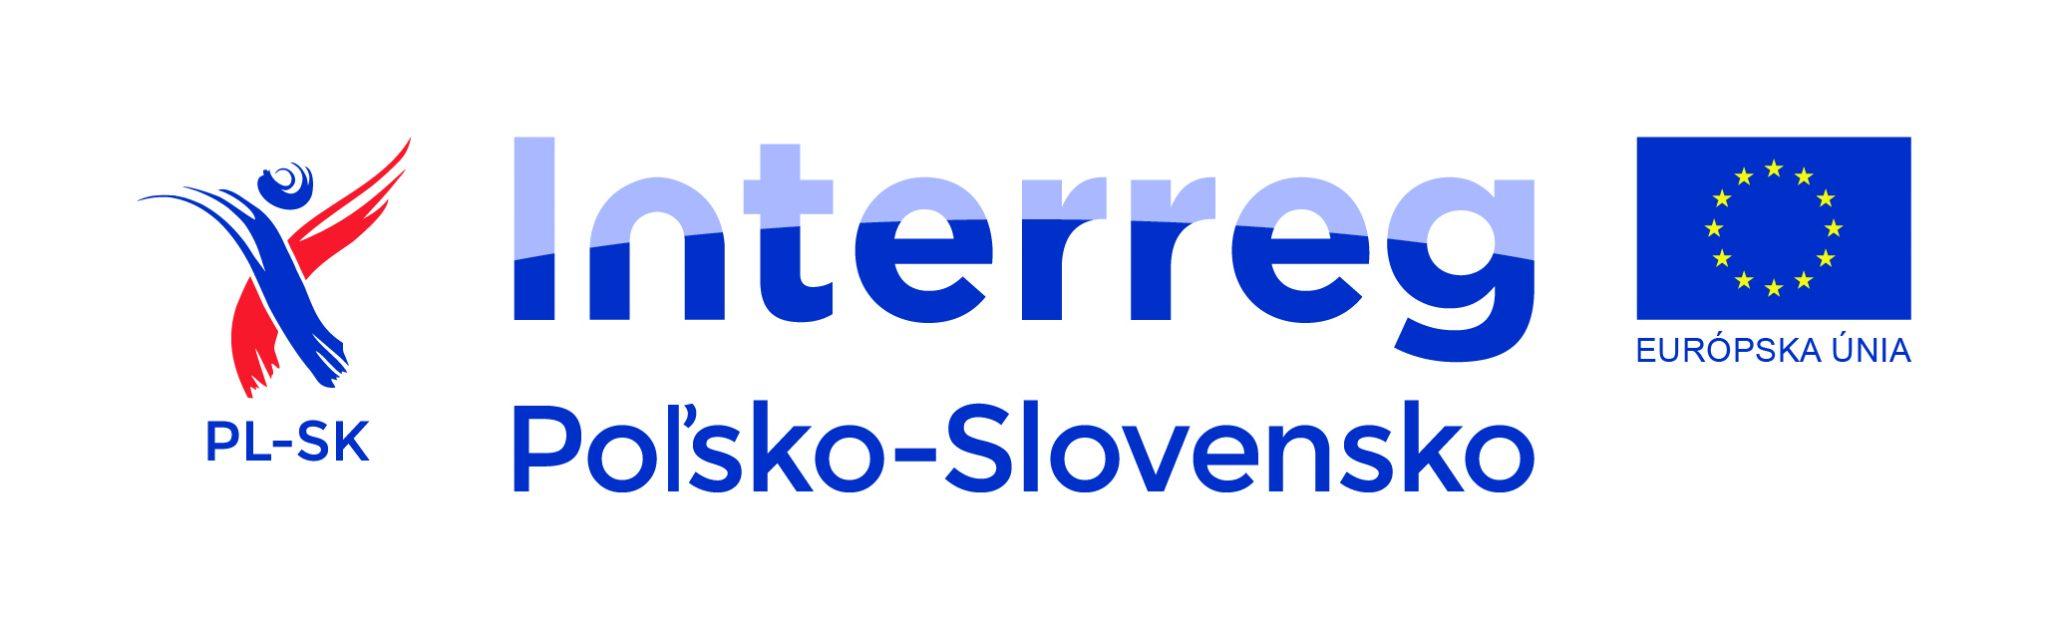 OZNAM: Verejná konzultácia k Programu cezhraničnej spolupráce Interreg Poľsko – Slovensko 2021 – 2027